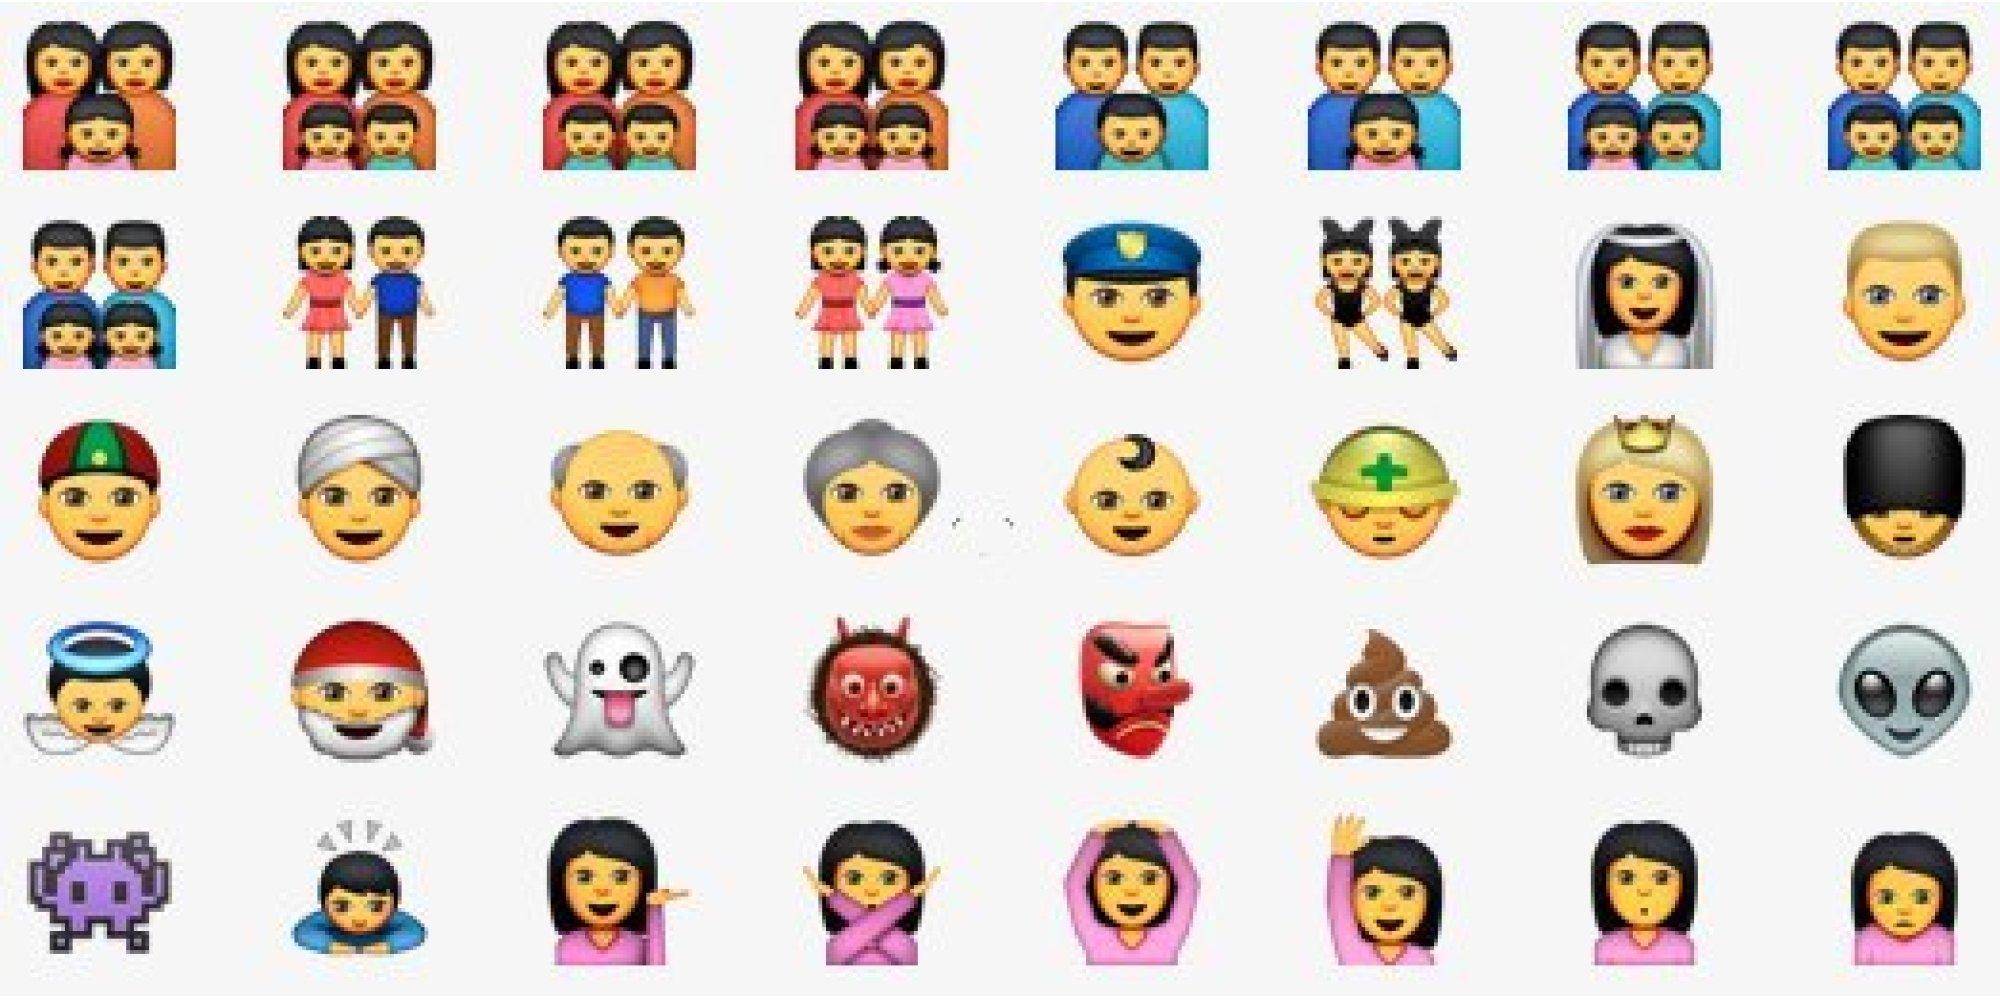 honor 6 emoji keyboard Ikaalinen